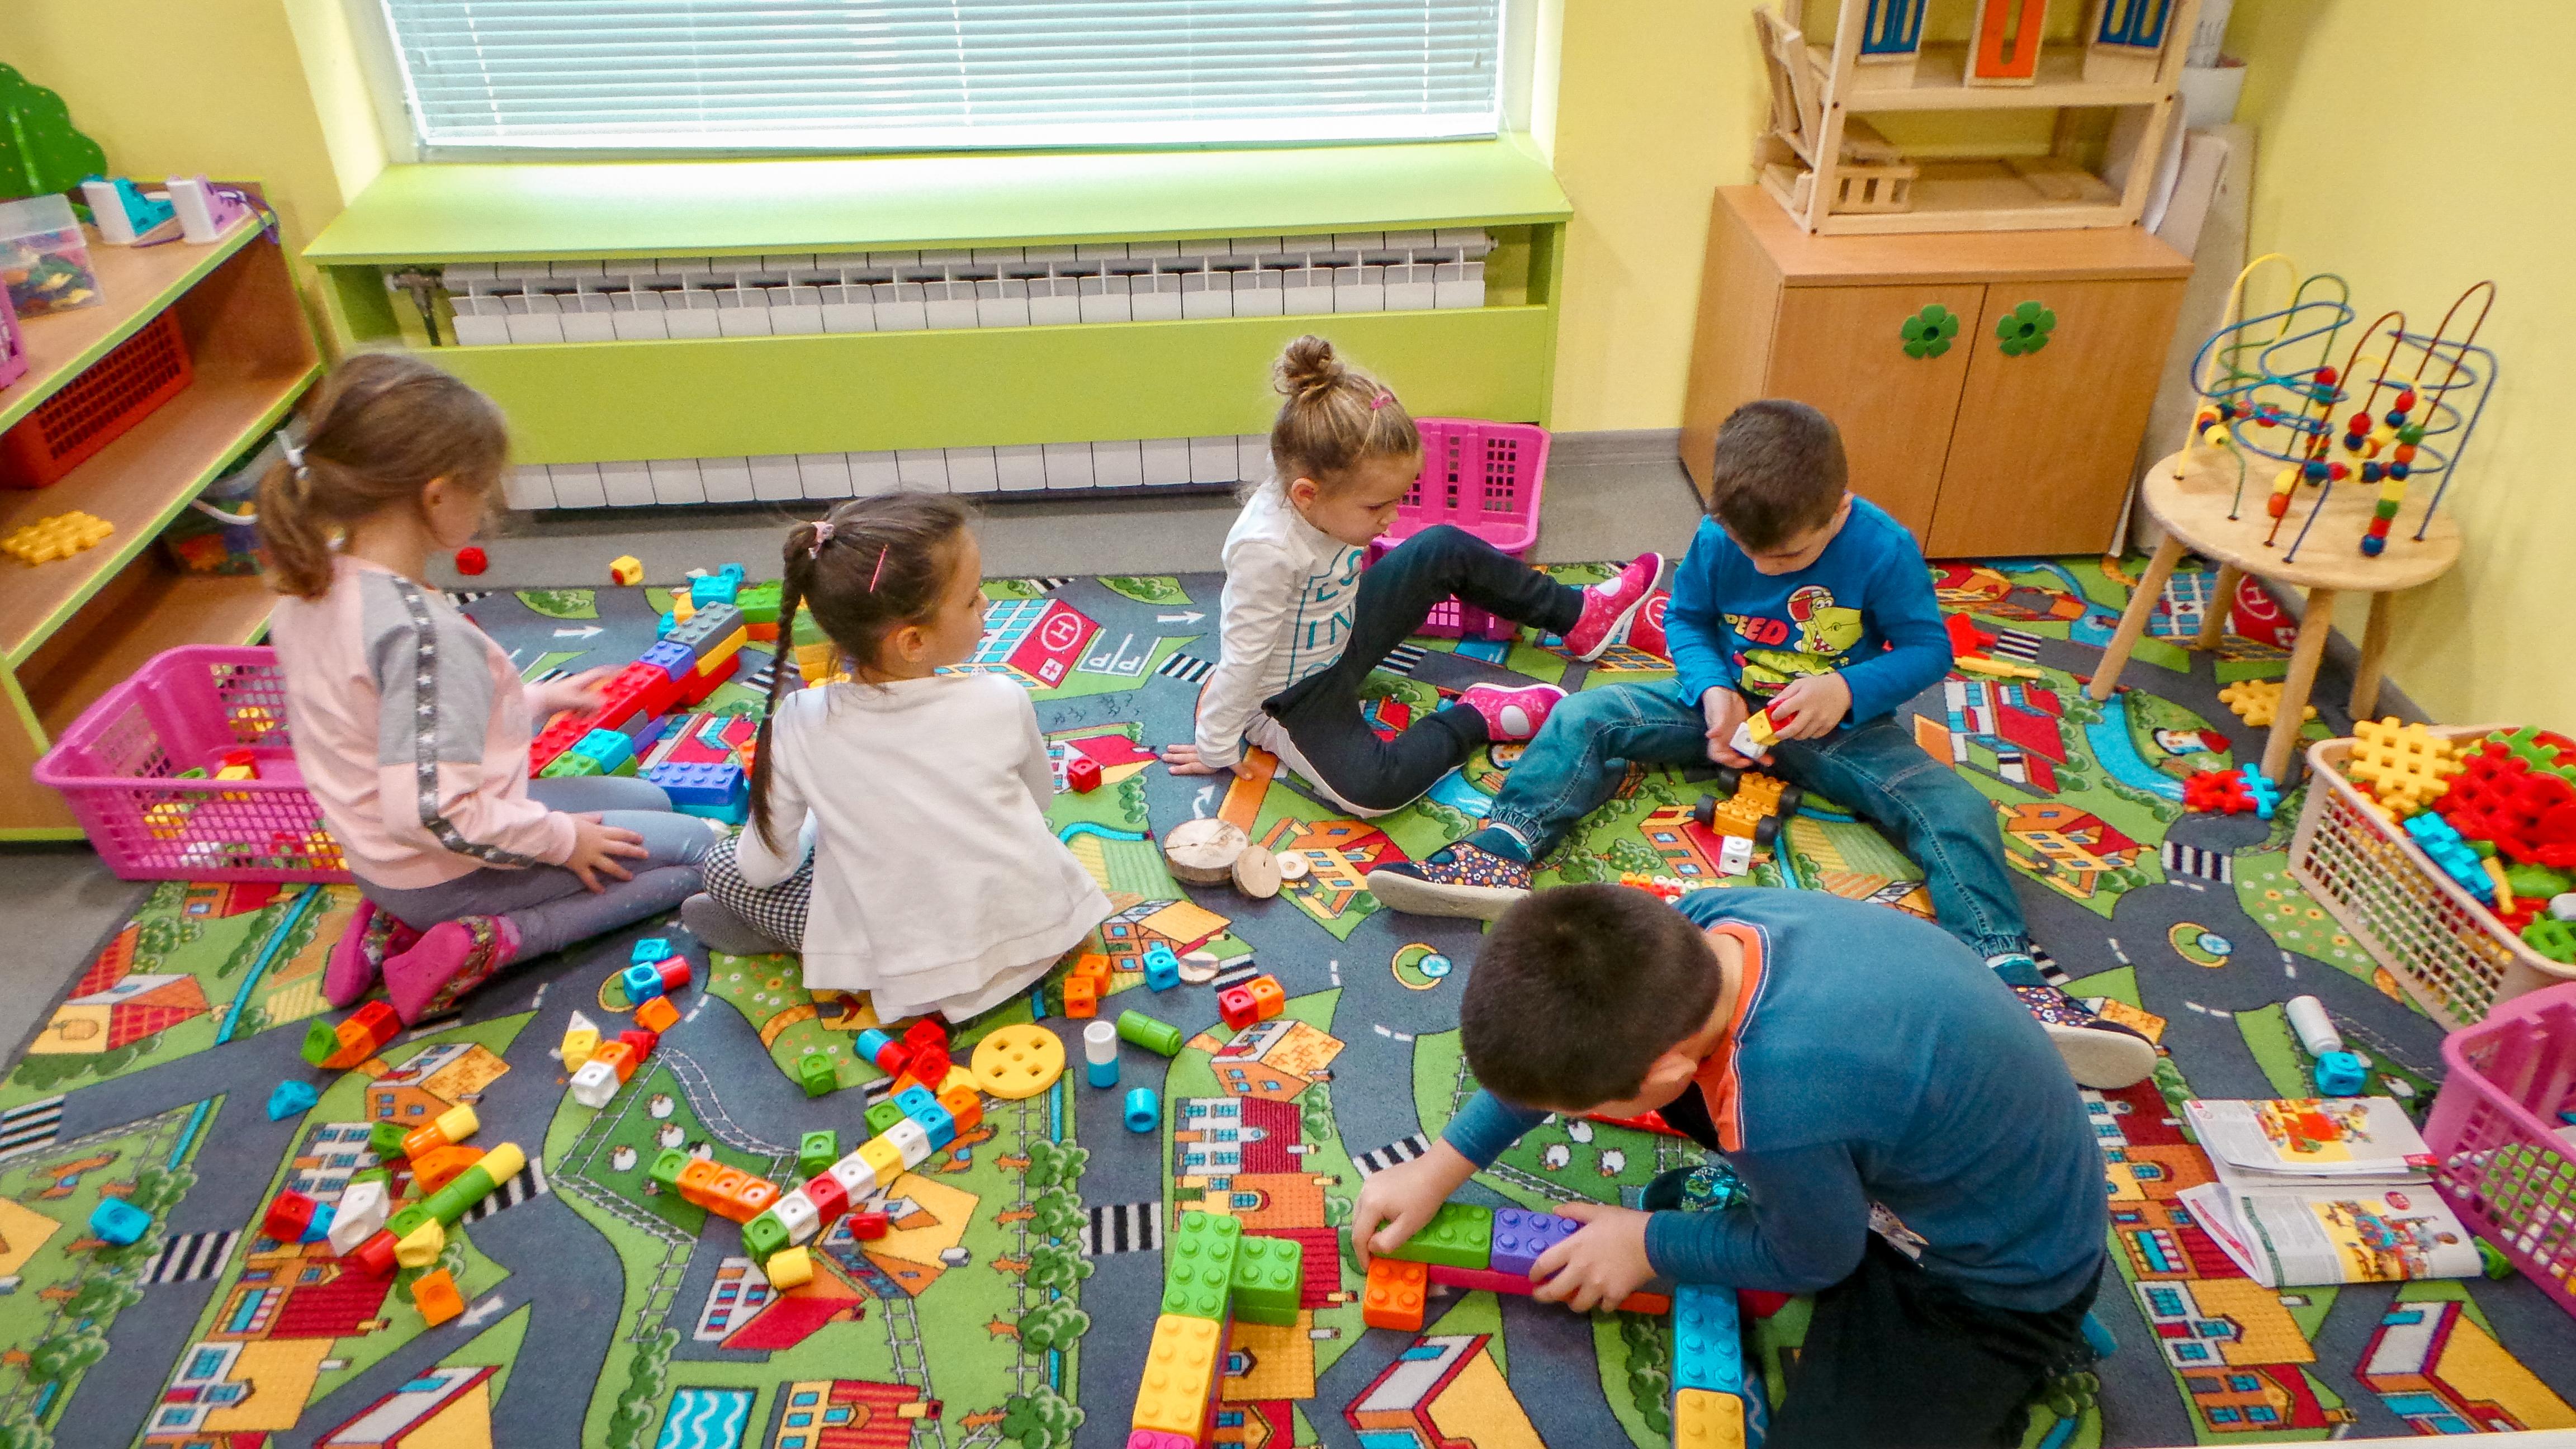 Zahvaljujući podršci Rotary cluba Amsterdam vredne 22.000 evra, naš tim je u selu Ljukovo nadomak Inđije, otvorio 13. Školicu života.